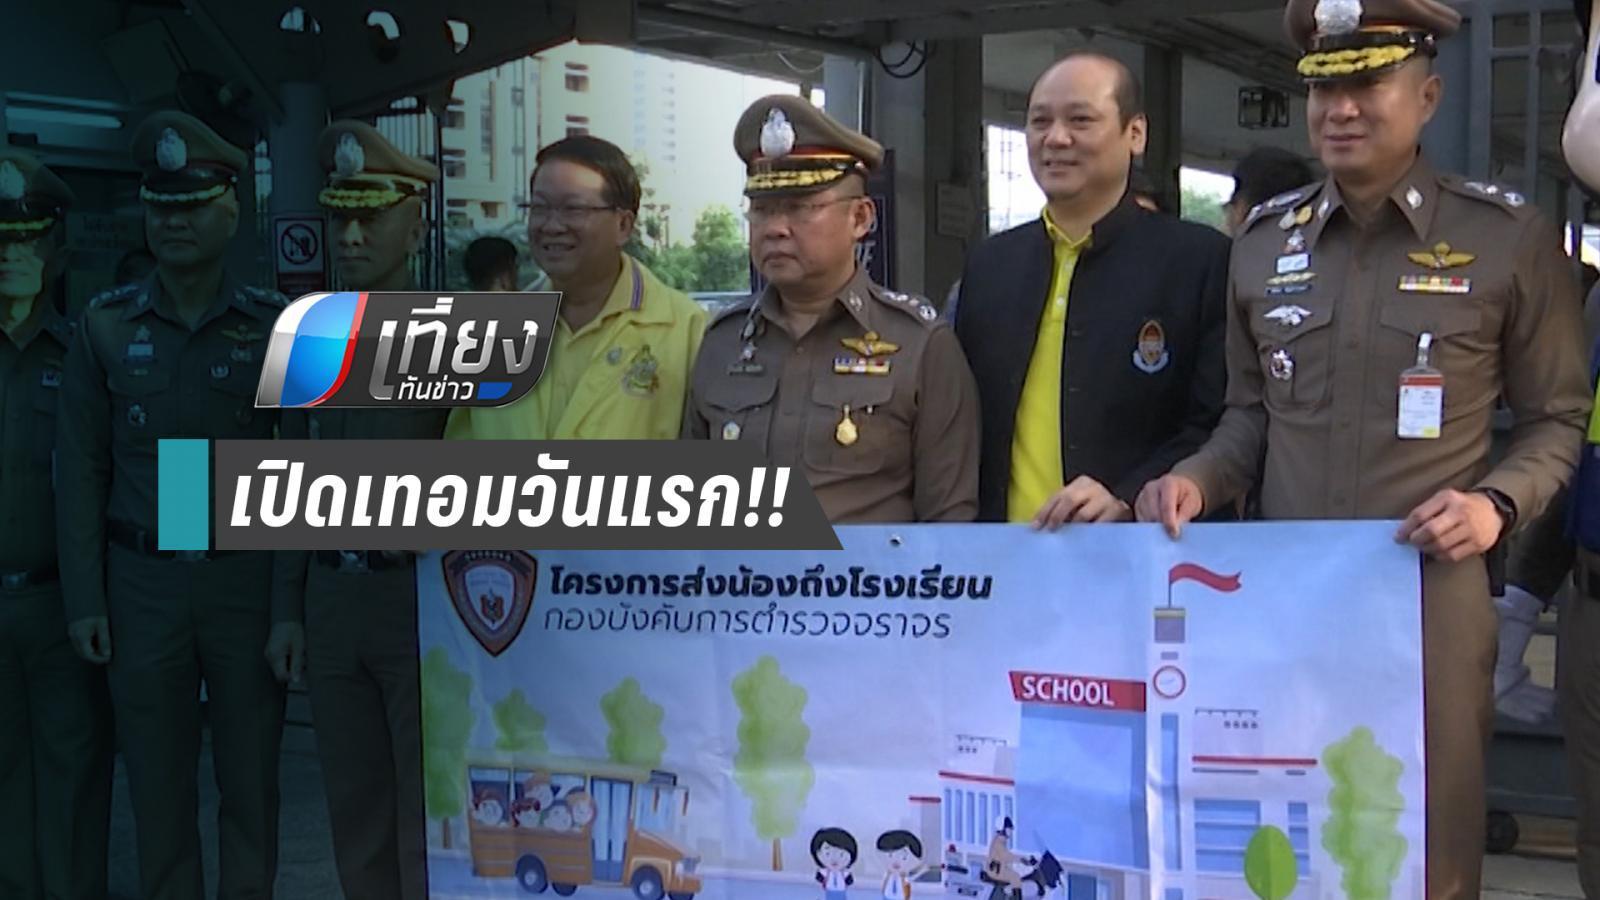 ตำรวจพอใจจัดการจราจรรับเปิดเทอม